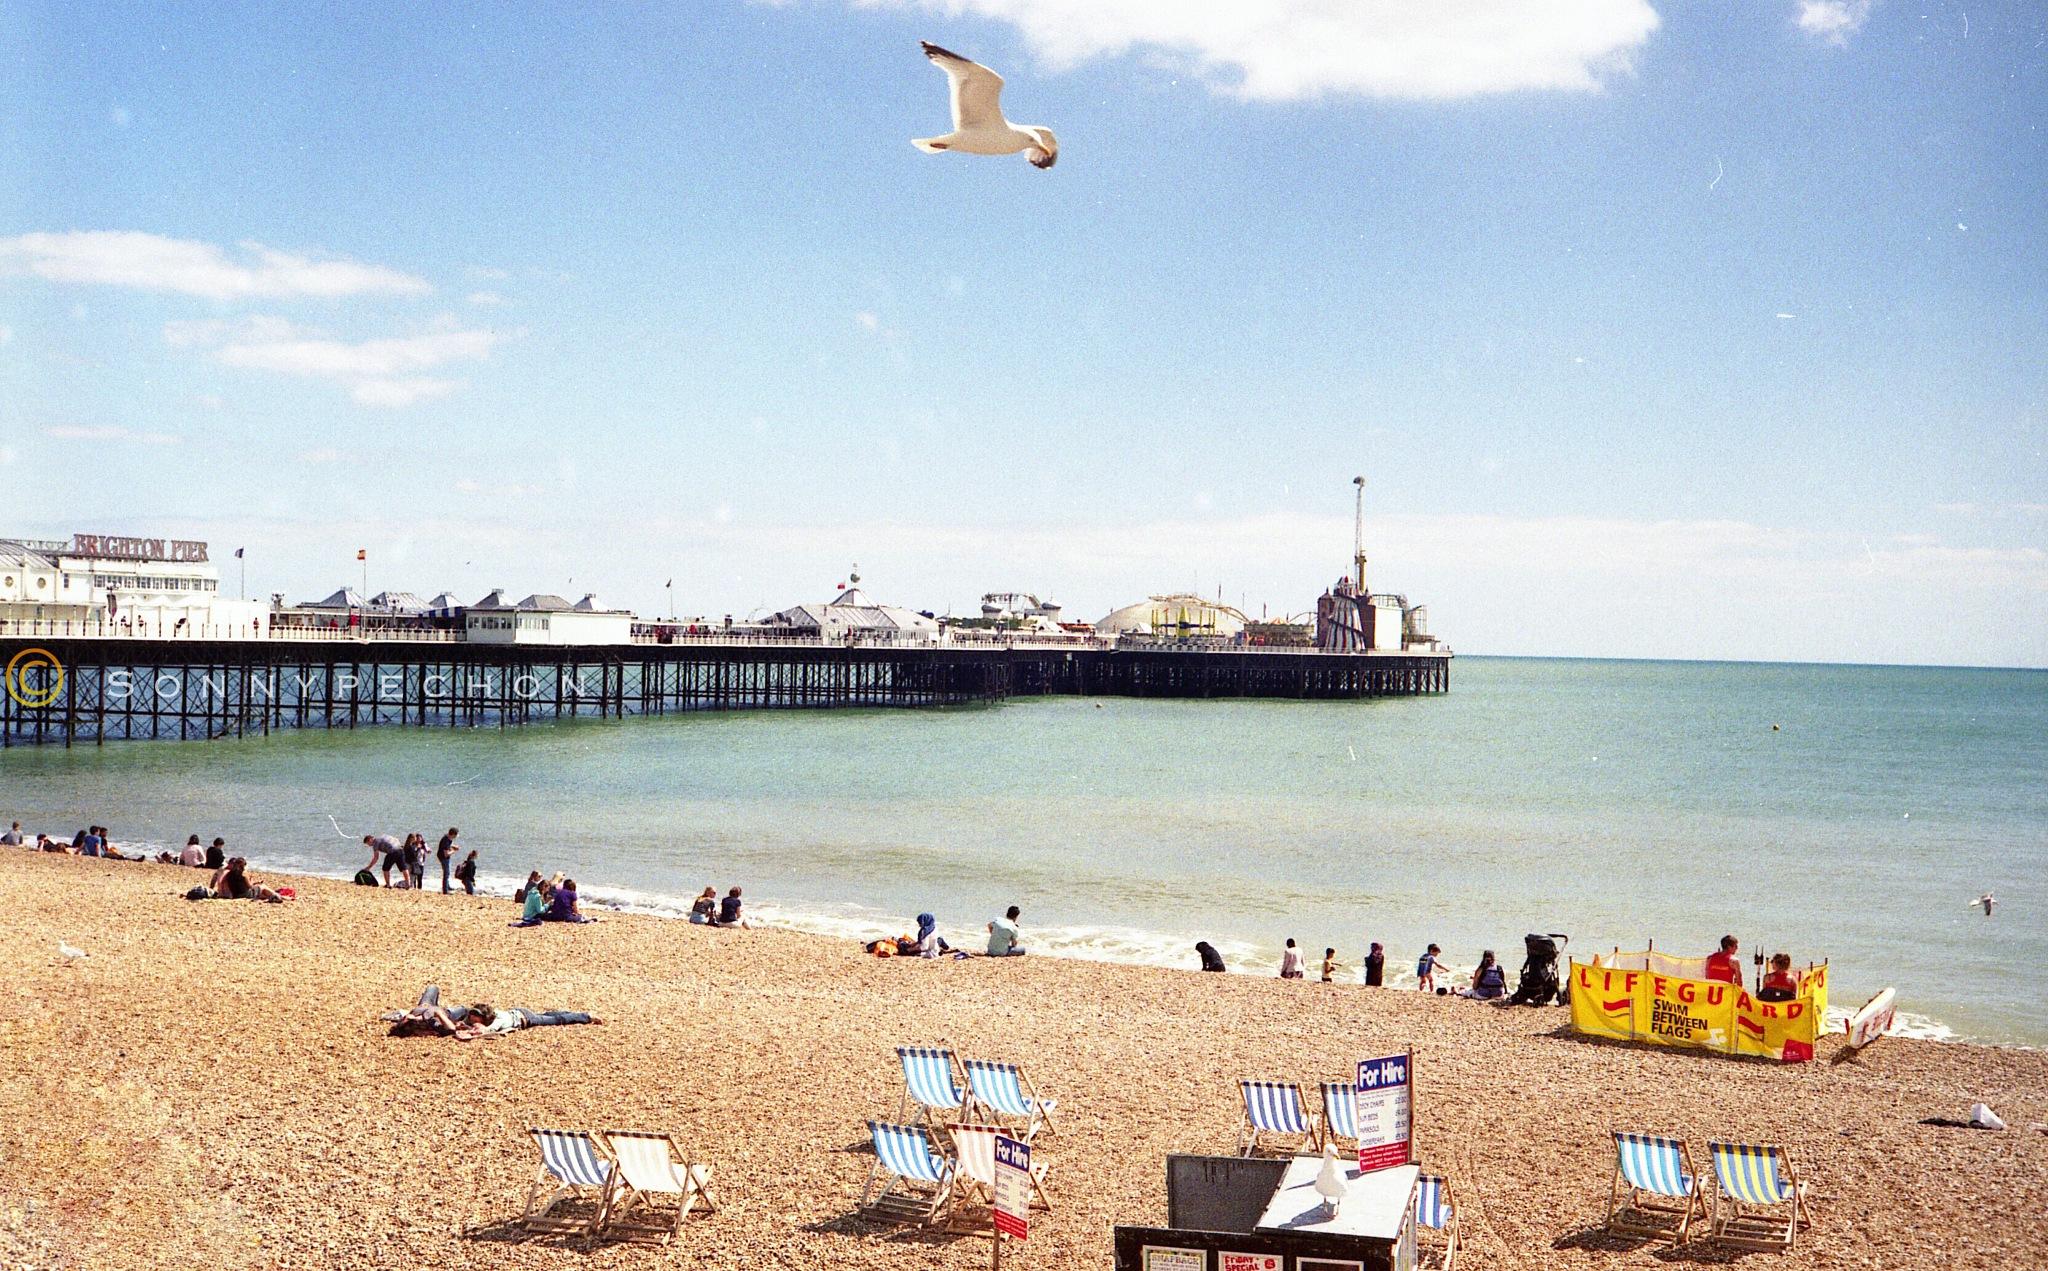 Brighton Pier by Sonny Pechon